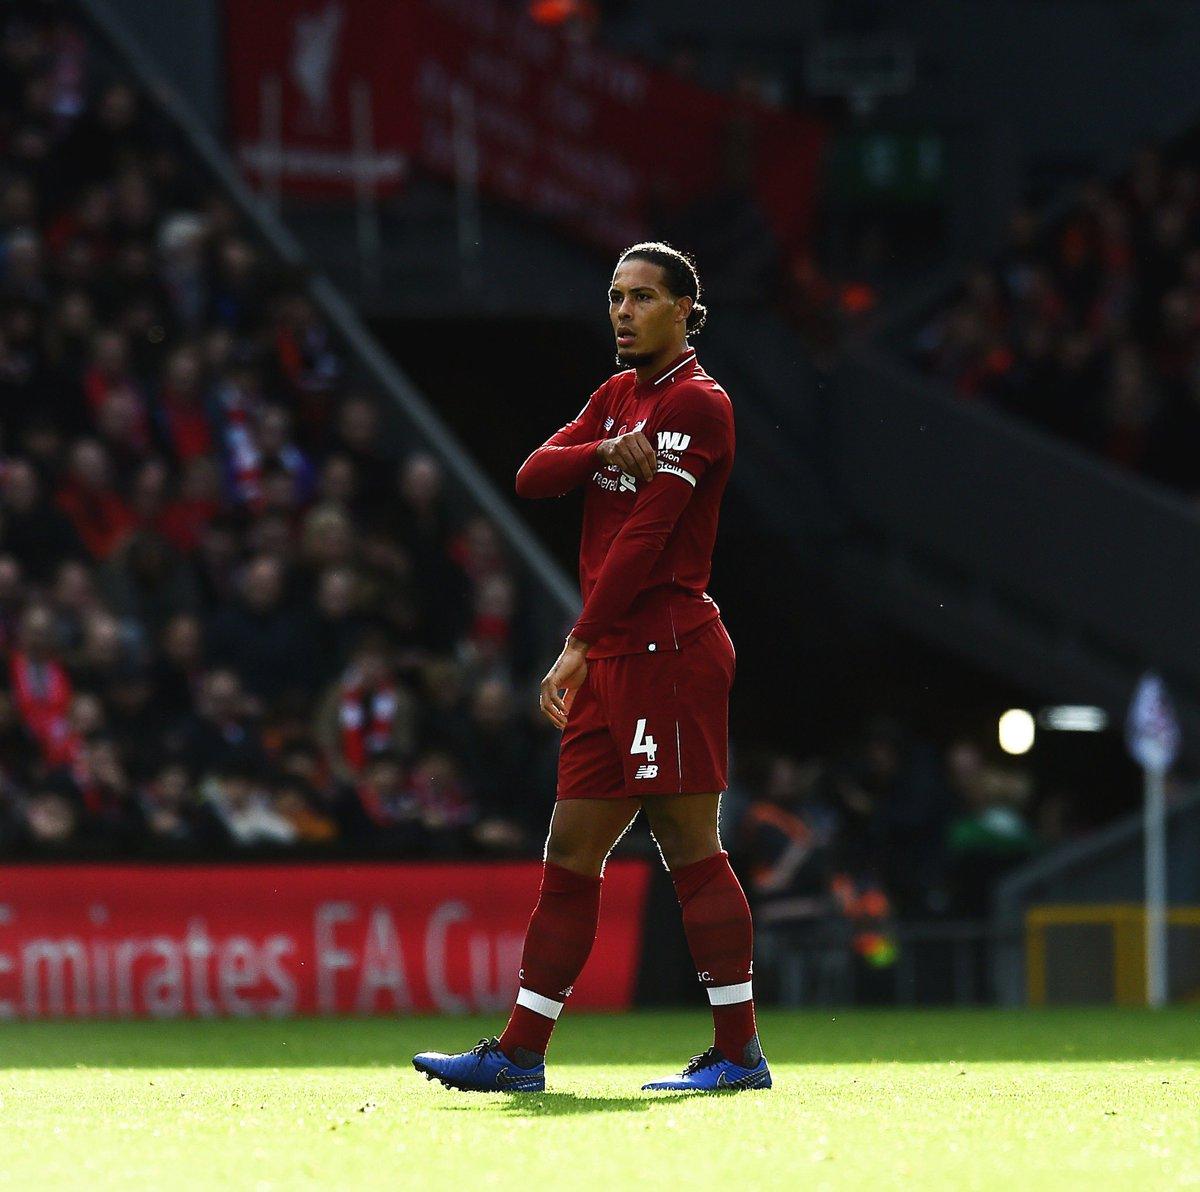 Our Captain ❤